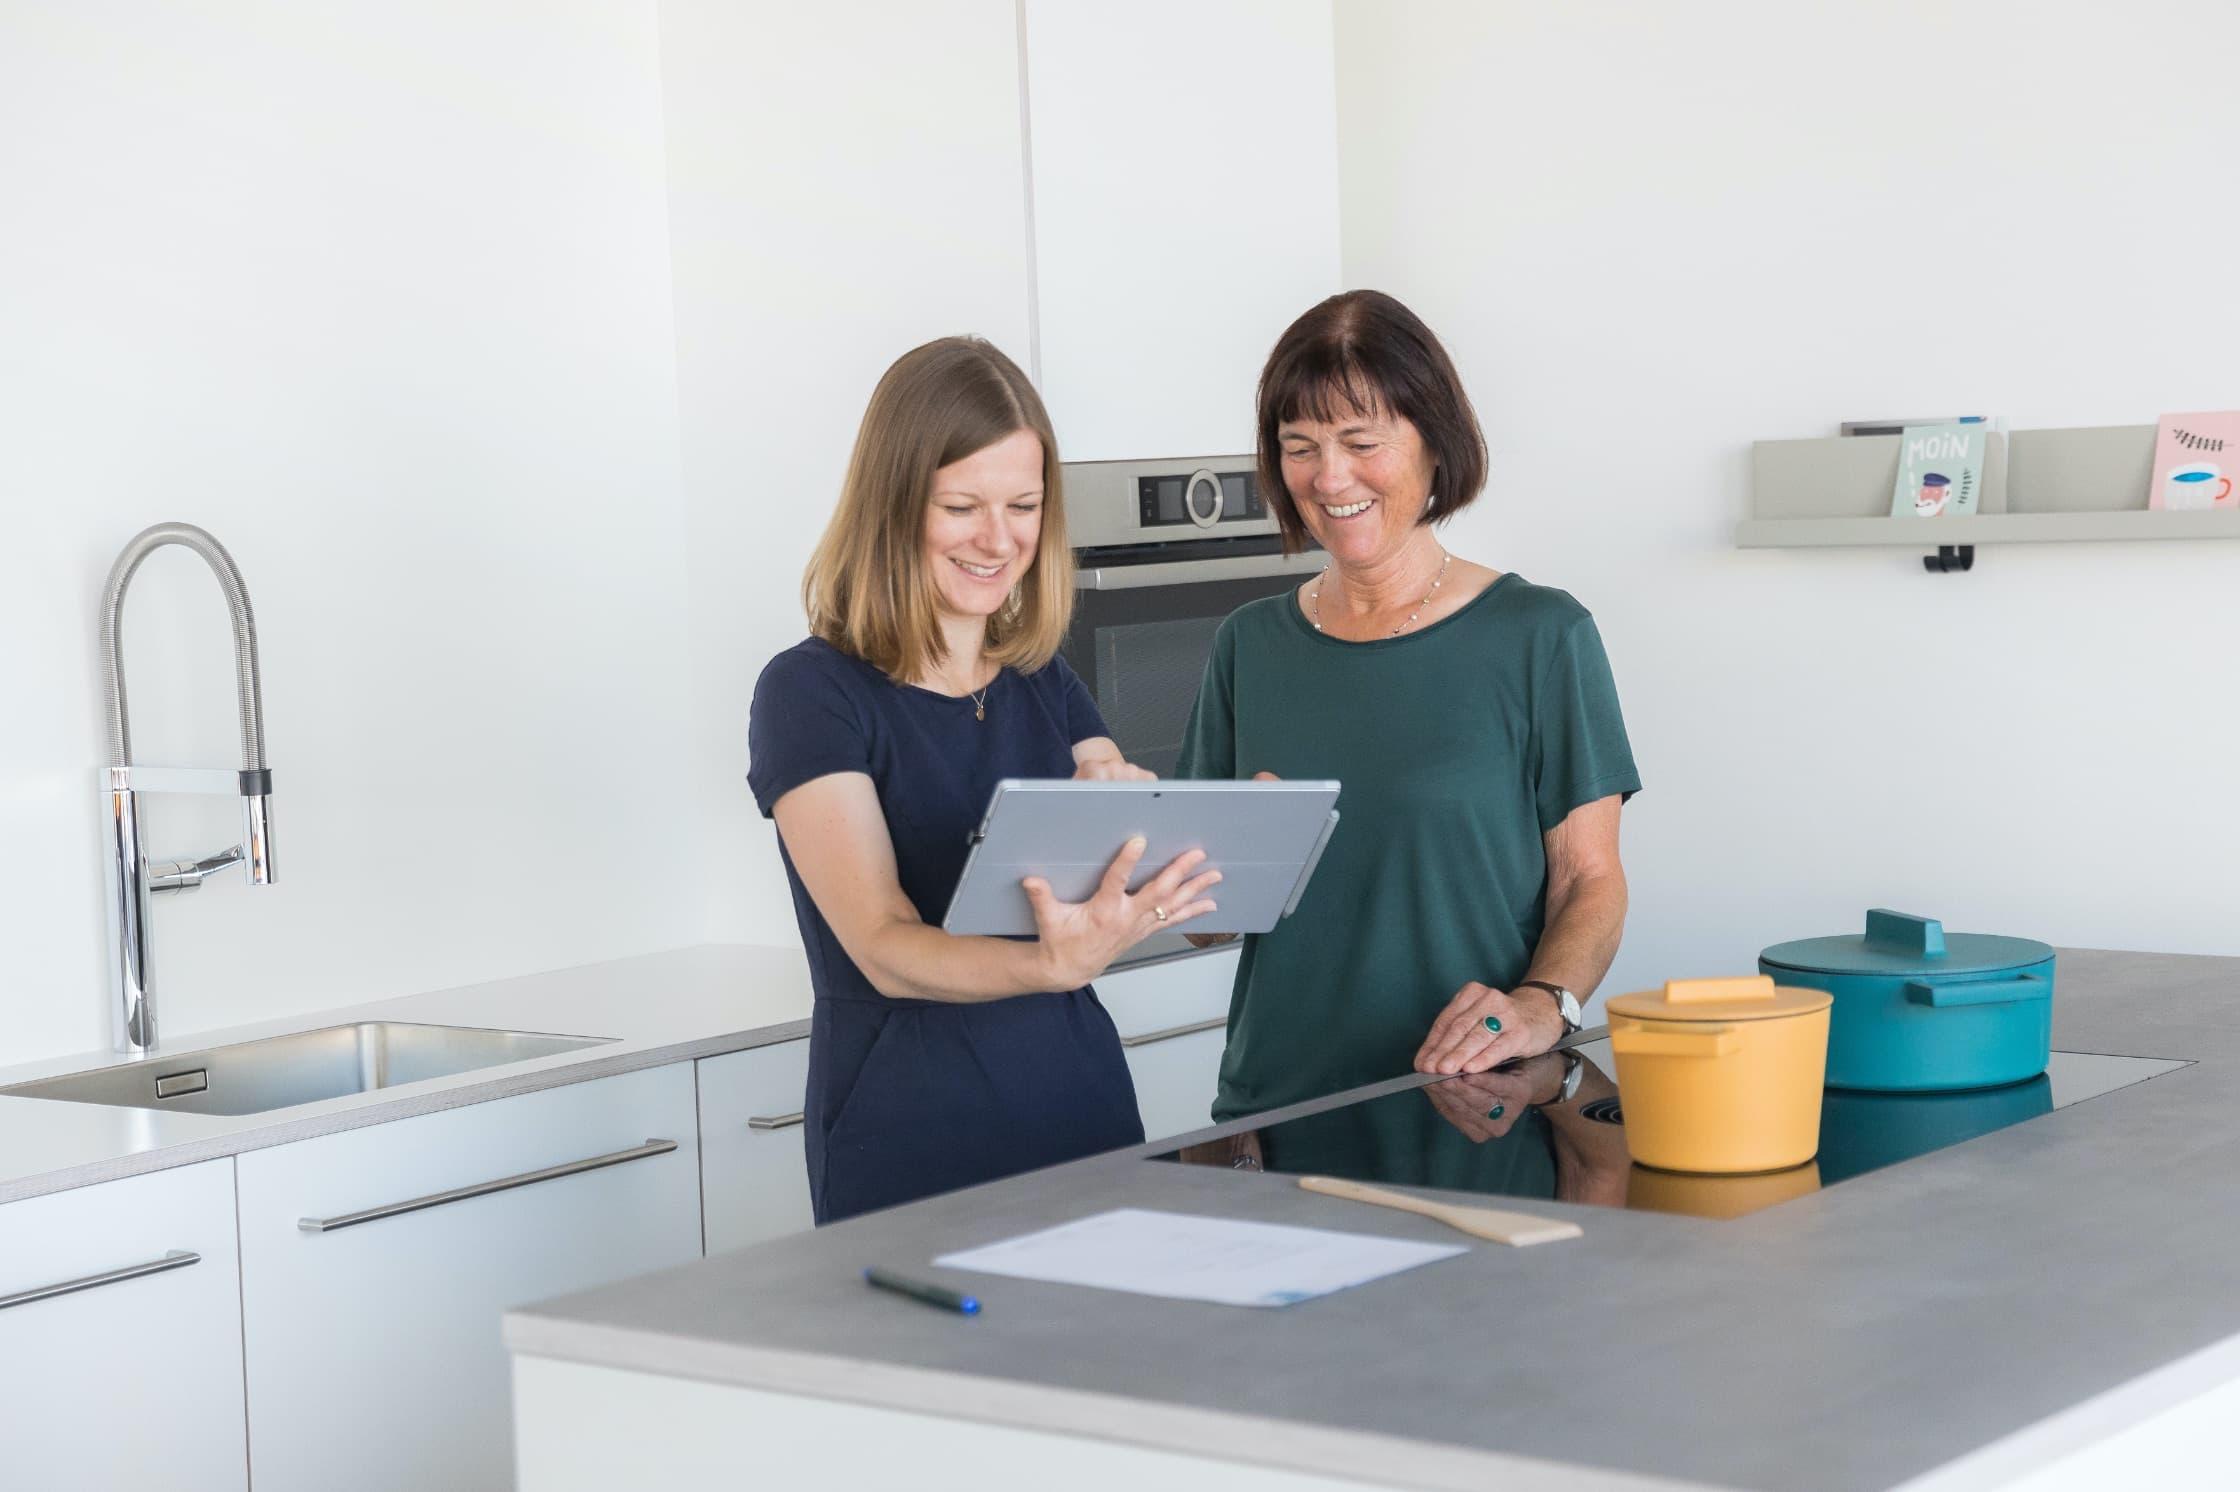 Beratung mit System im Küchenstudio für Crailsheim – NR Nüchen